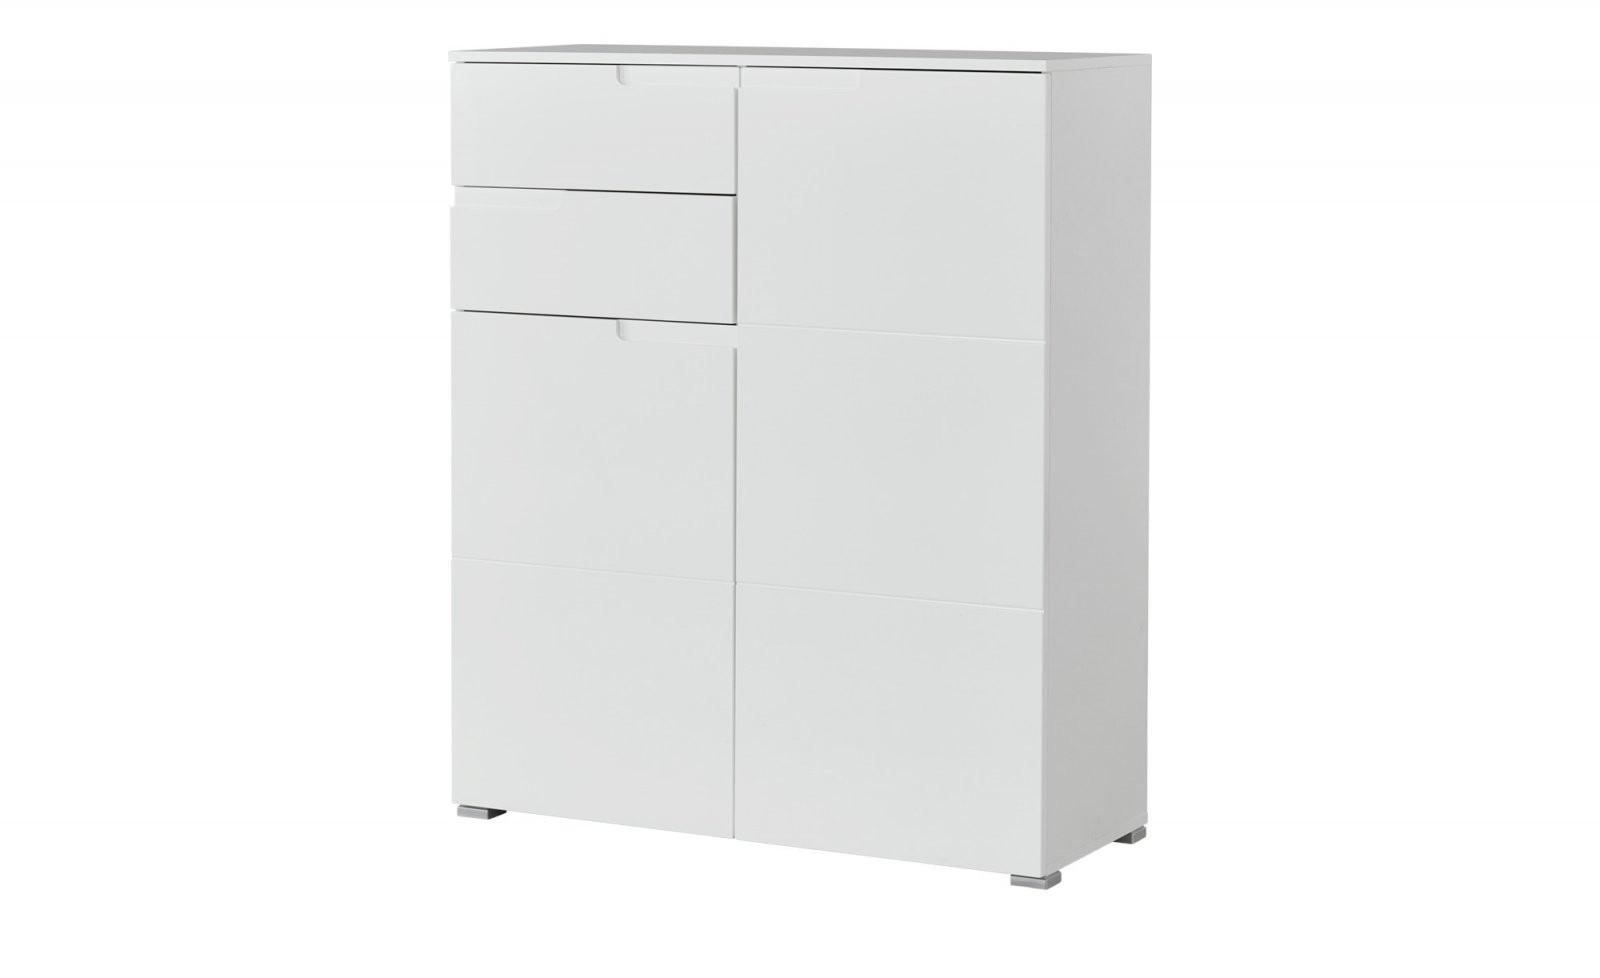 Kommode Weiß Breit 100 Cm  Bei Möbel Kraft Online Kaufen von Kommode Weiß Hochglanz 100 Cm Breit Photo